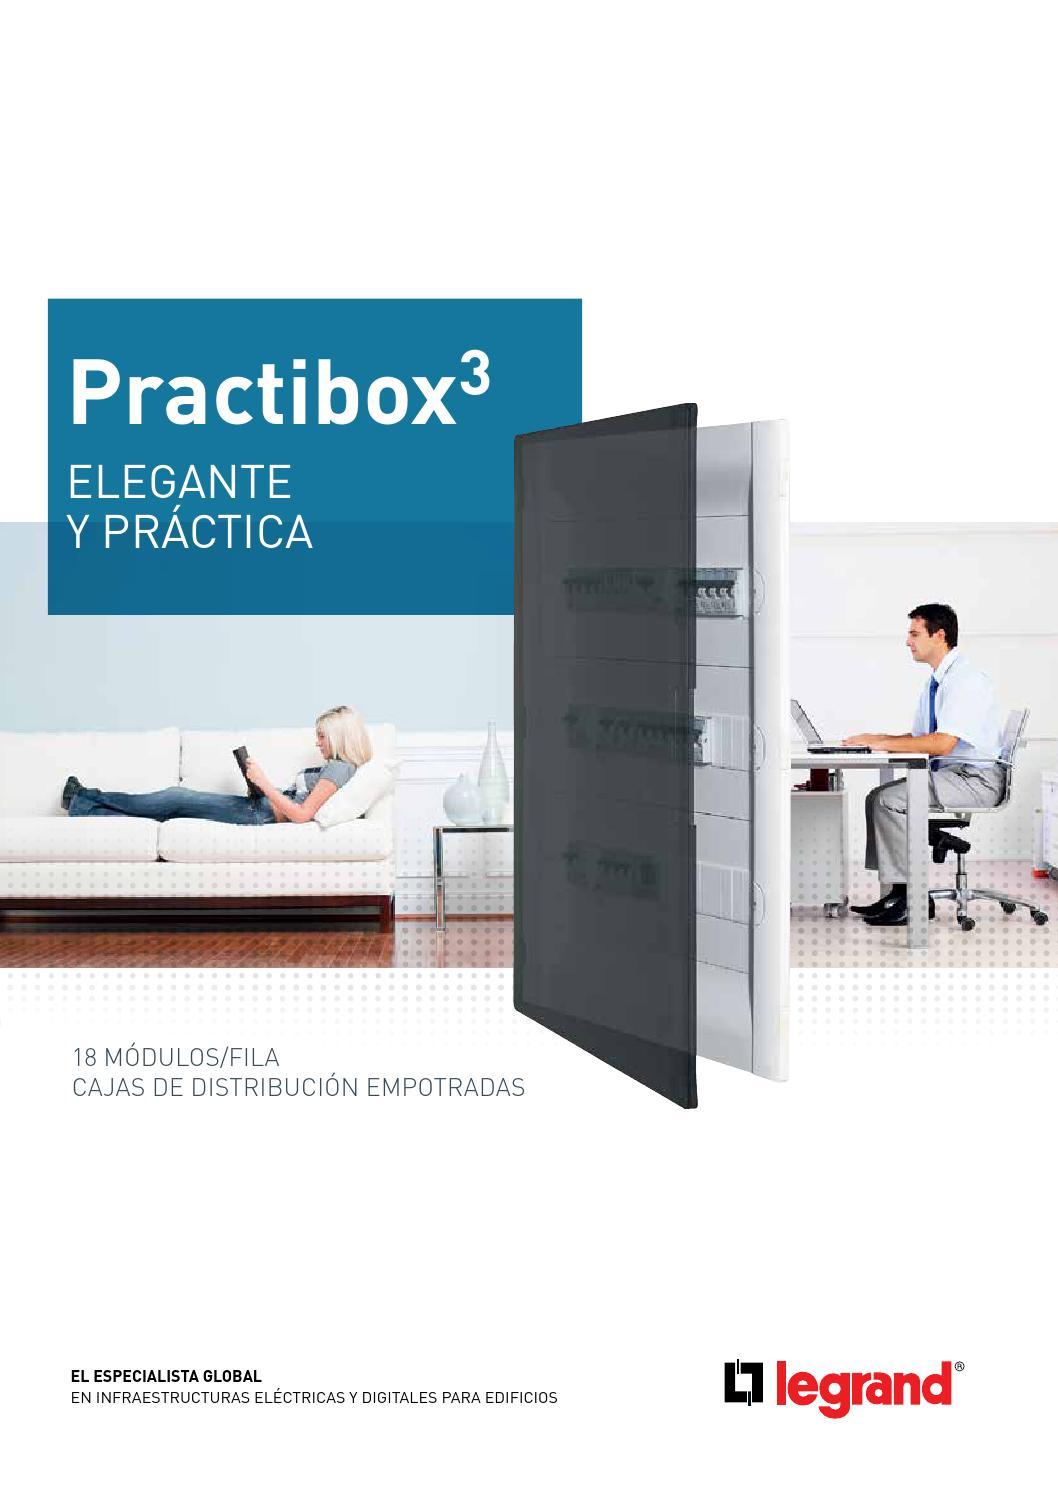 Cajas de distribucion practibox 3 legrand by gomez moreno for Caja de distribucion